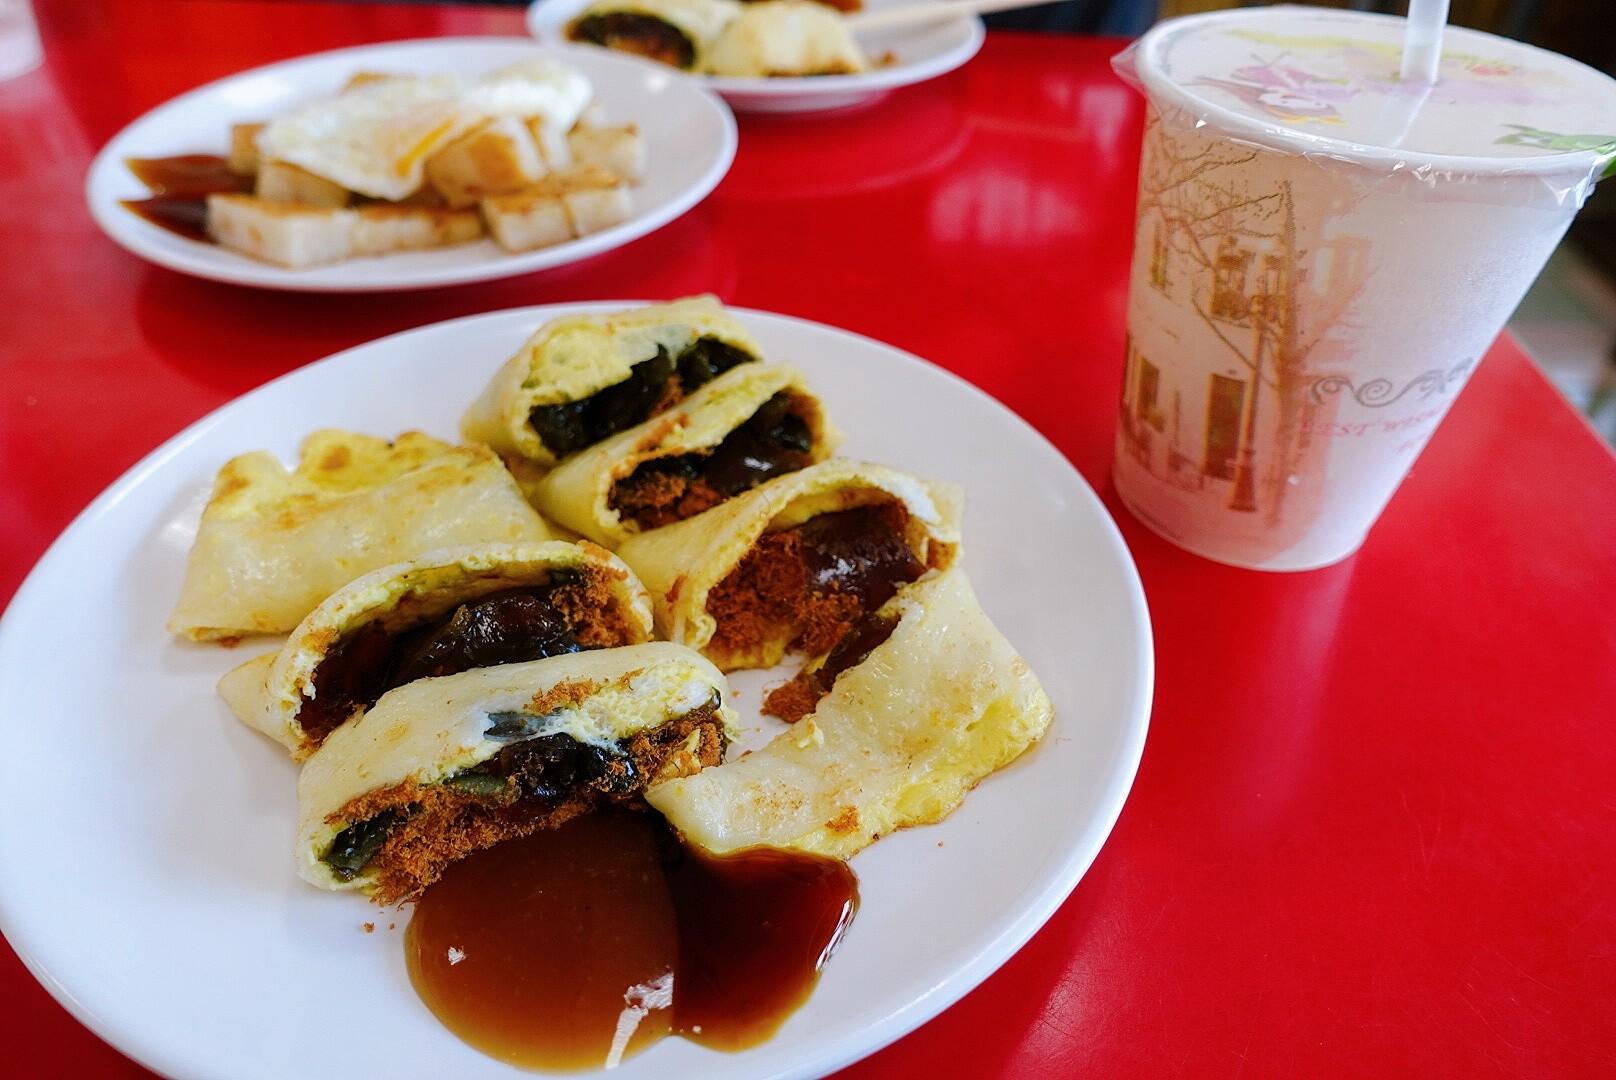 【花蓮市區】Amis活力早午餐|超獨特又美味的皮蛋蛋餅